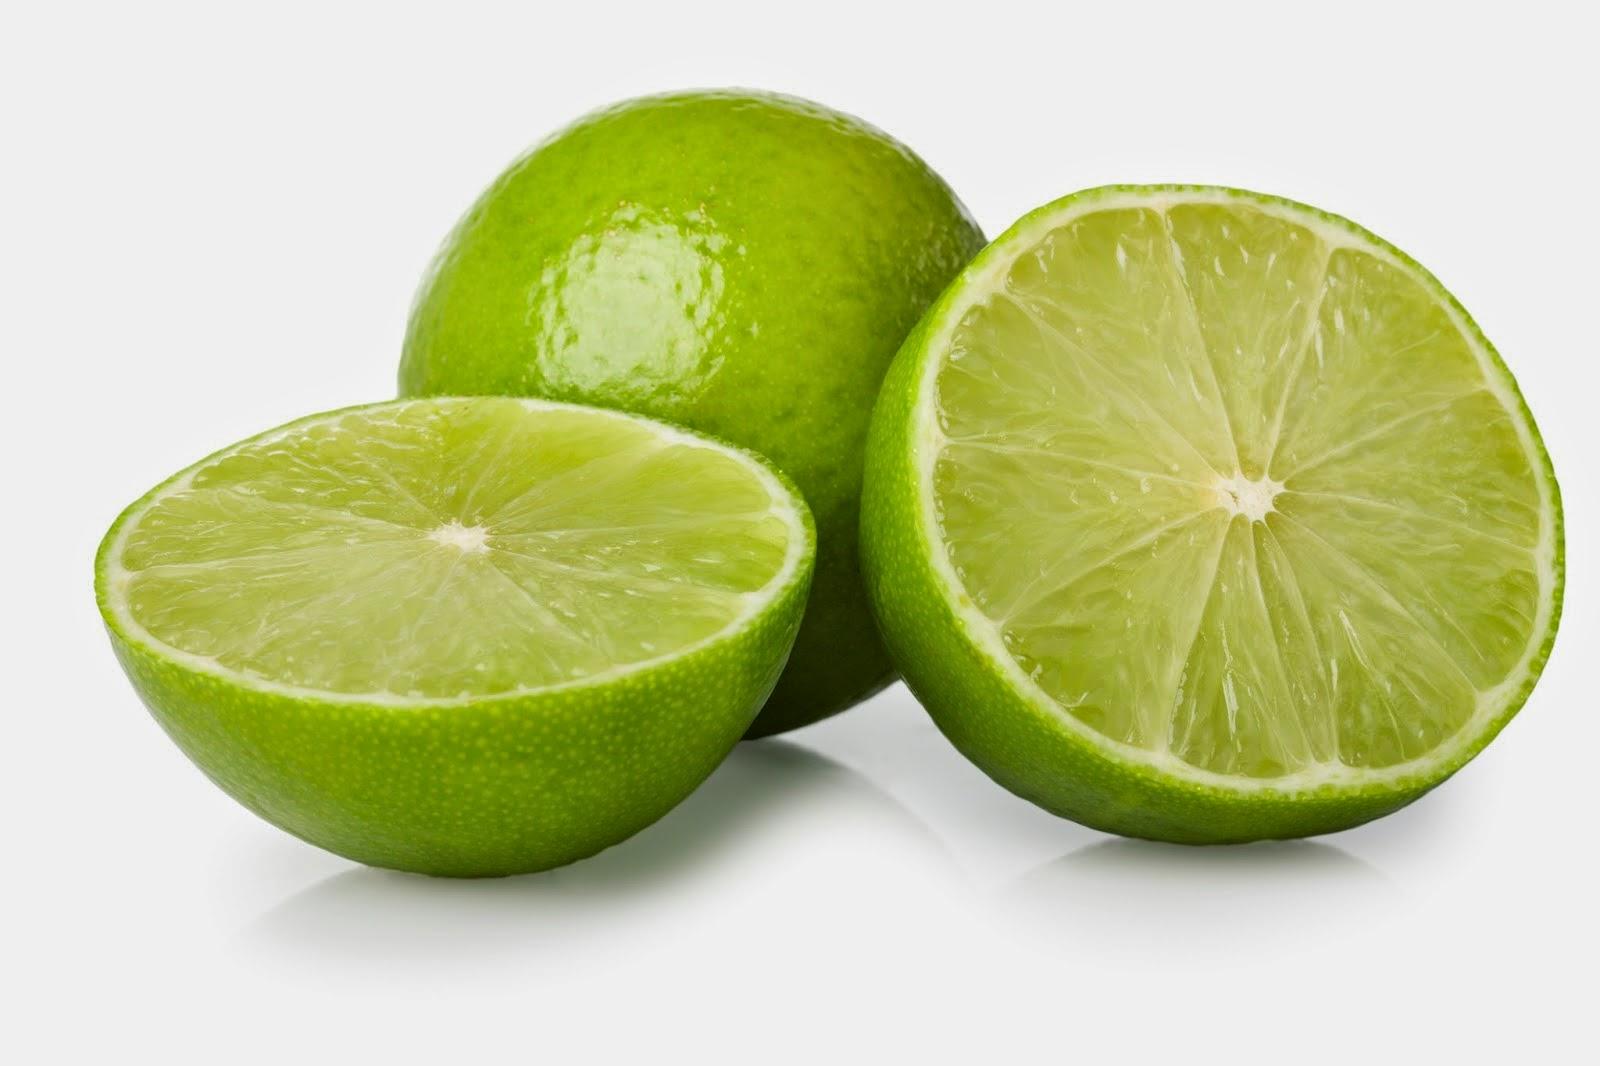 40 Manfaat Jeruk Nipis Untuk Wajah, Rambut, dan Diet